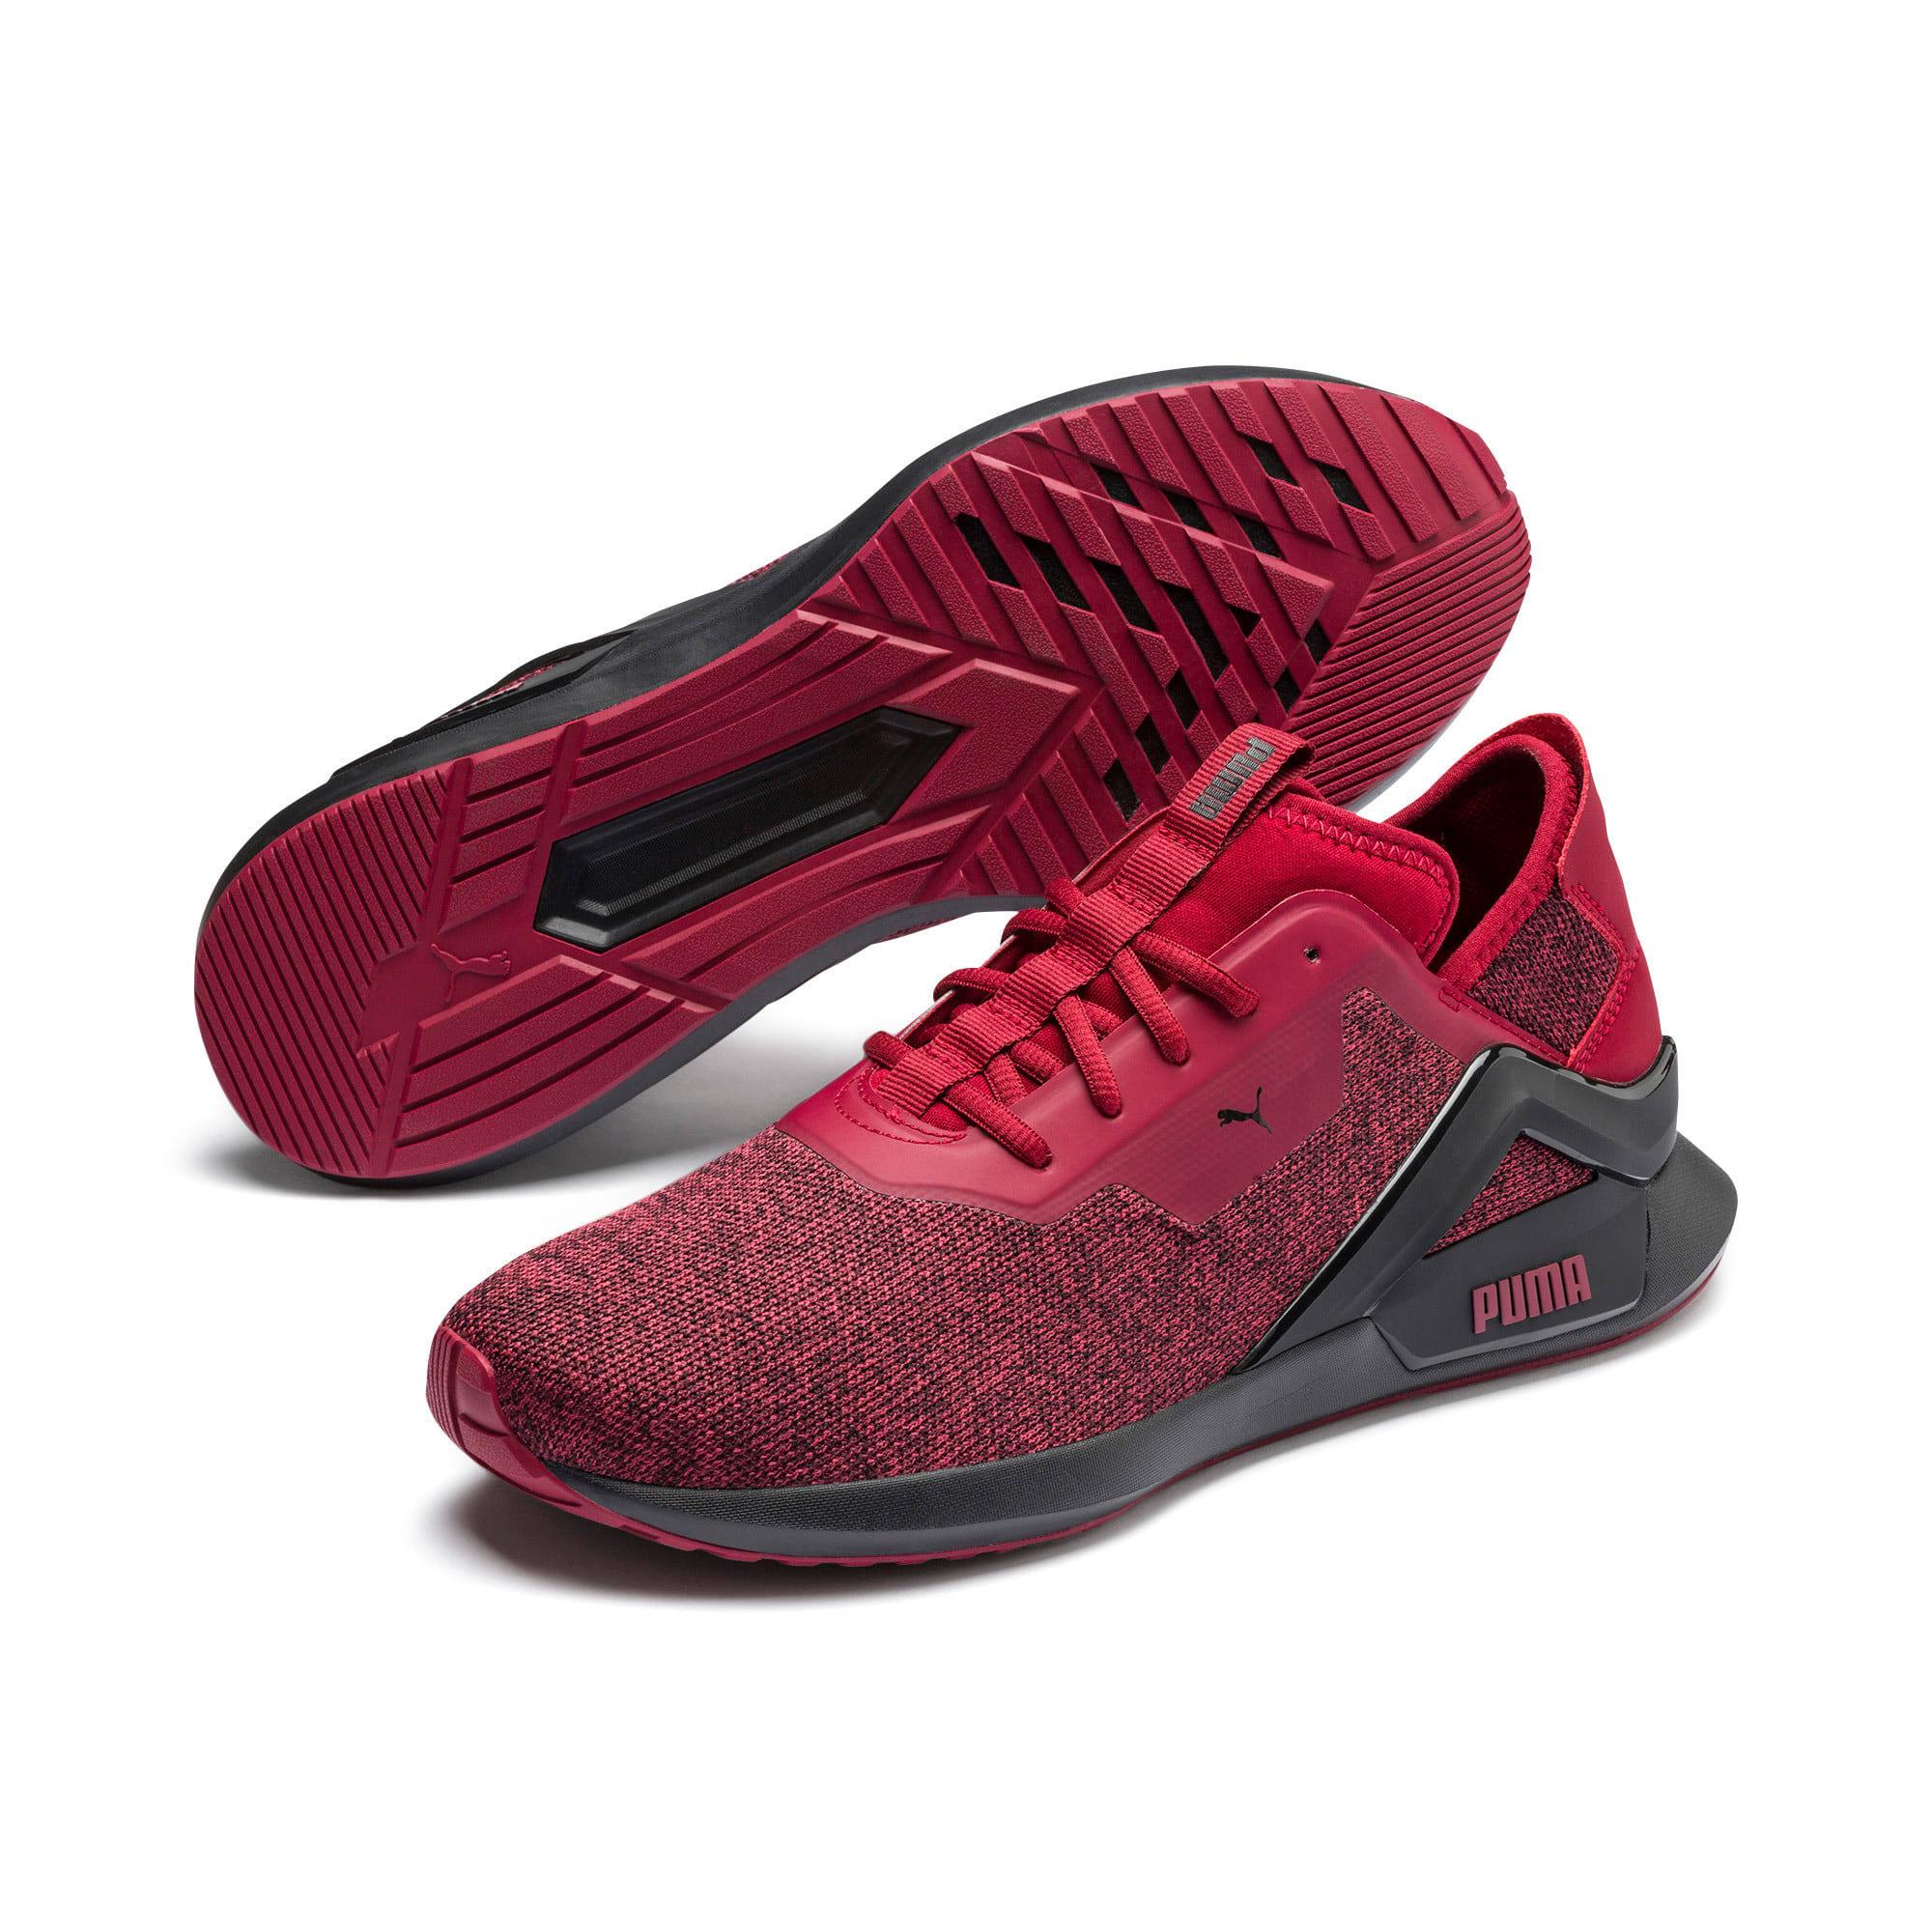 Miniatura 2 de Zapatos de entrenamiento Rogue X Knit para hombre, Rhubarb, mediano